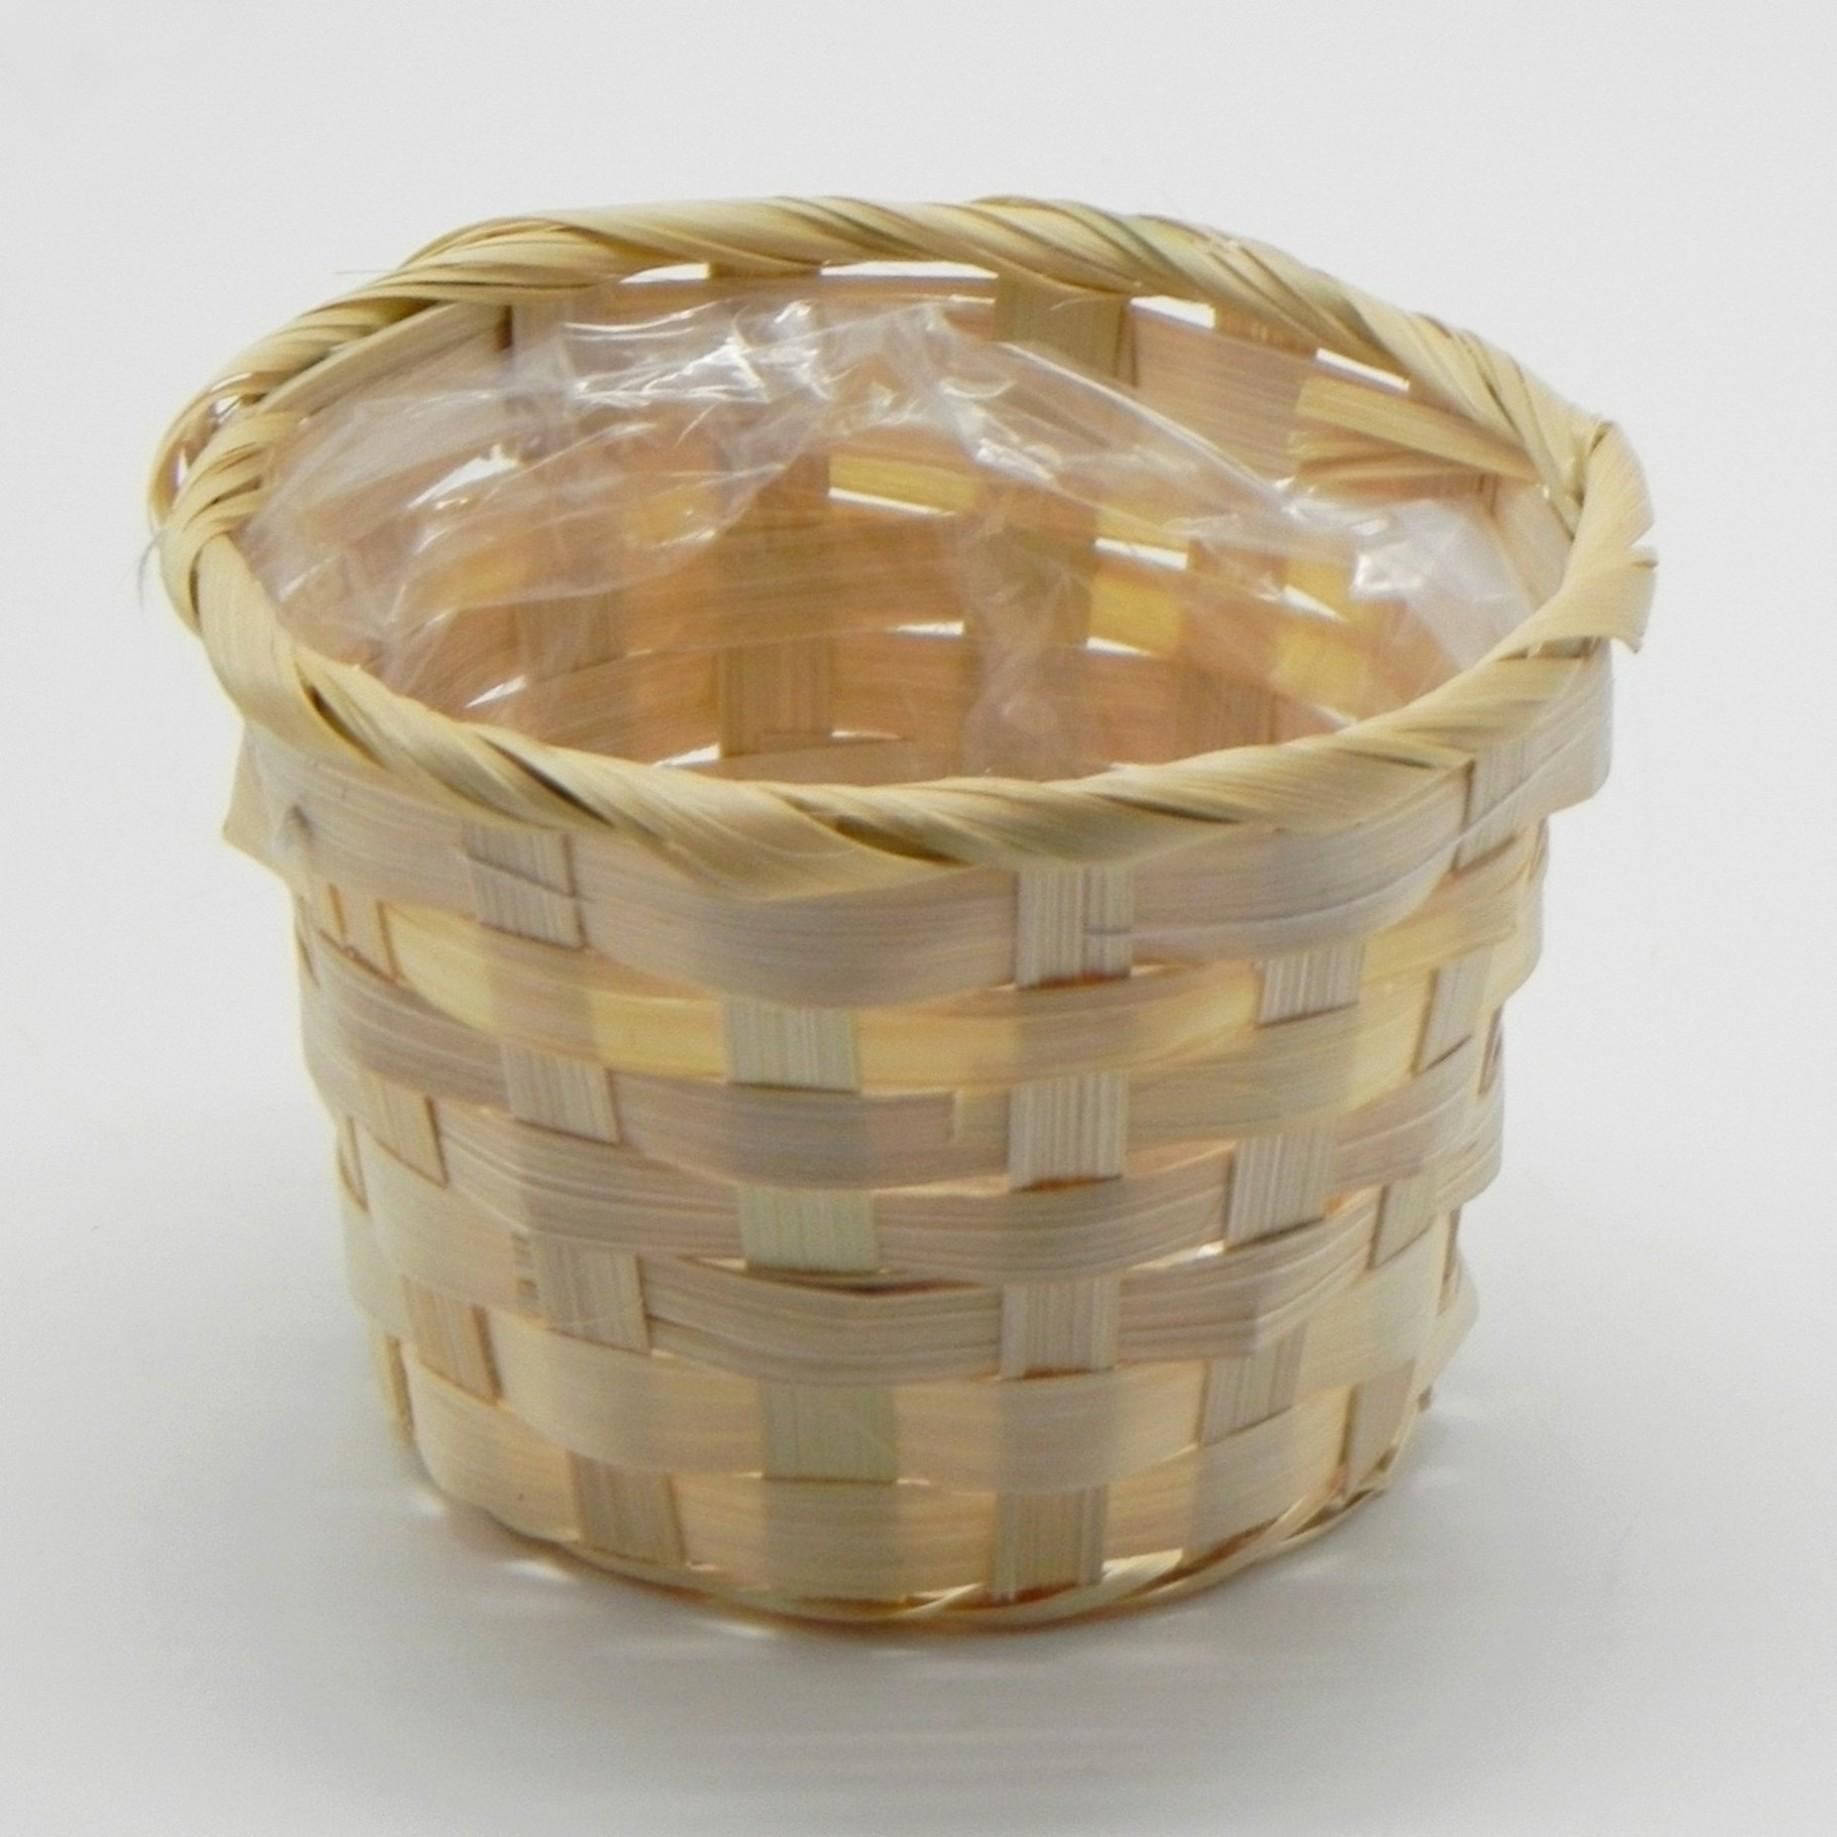 Koš bambus natural Barva: tmavá, Provedení: Menší